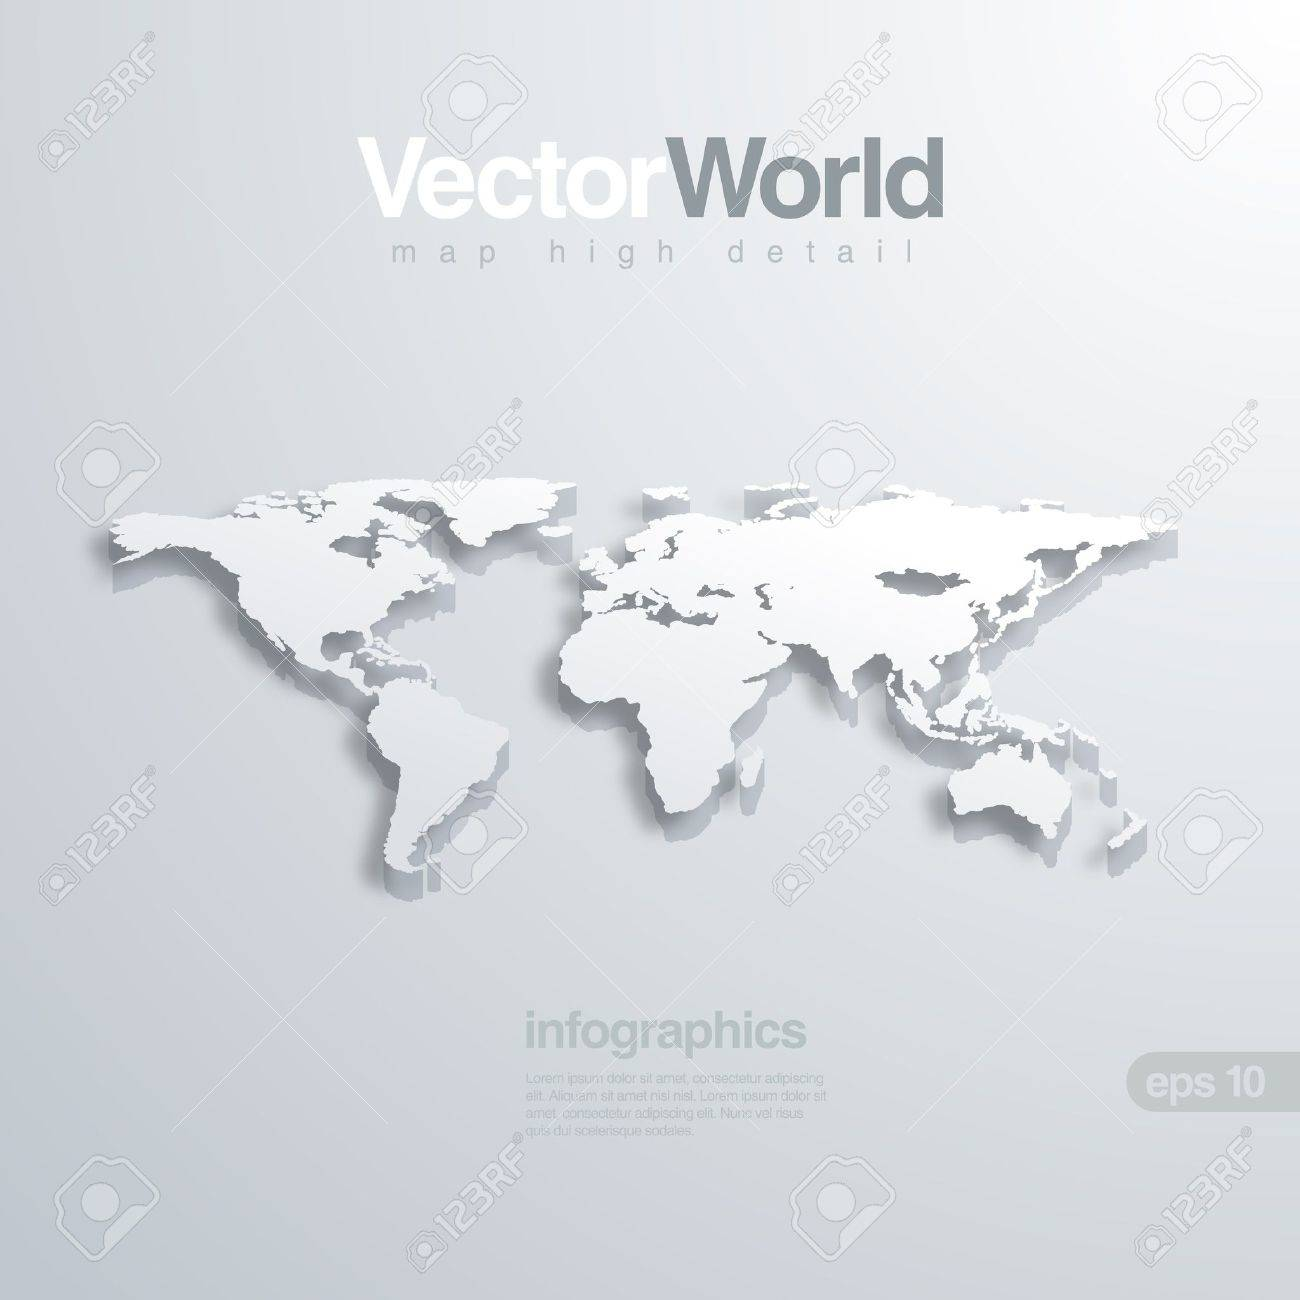 Mapa del mundo illlustraion 3d til para la infografa foto de archivo mapa del mundo illlustraion 3d til para la infografa gumiabroncs Images